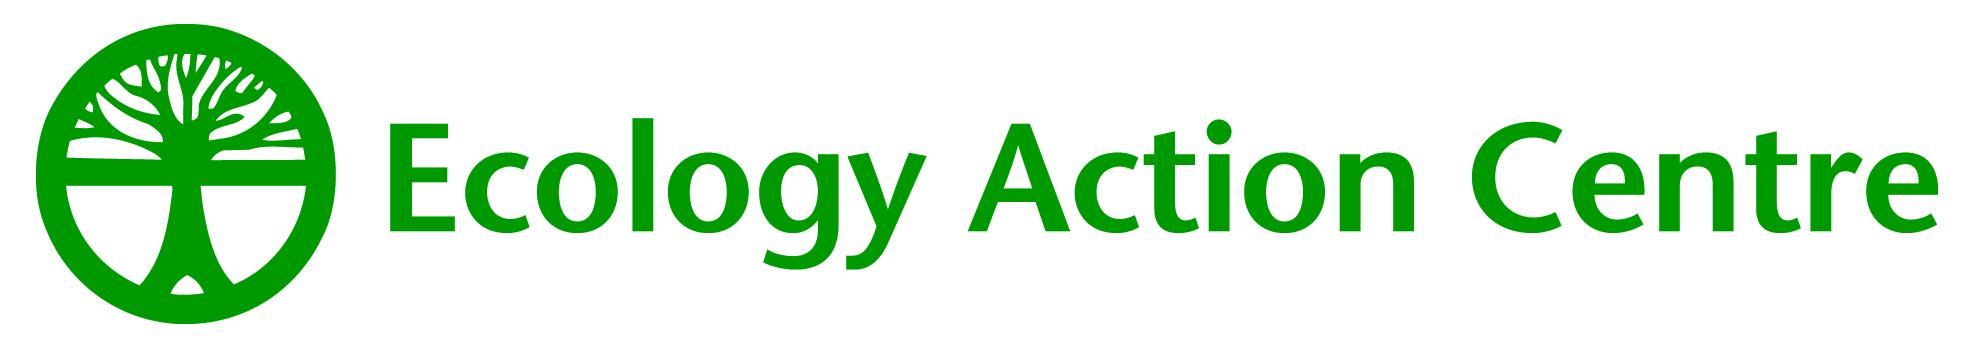 ECA Logo.jpg